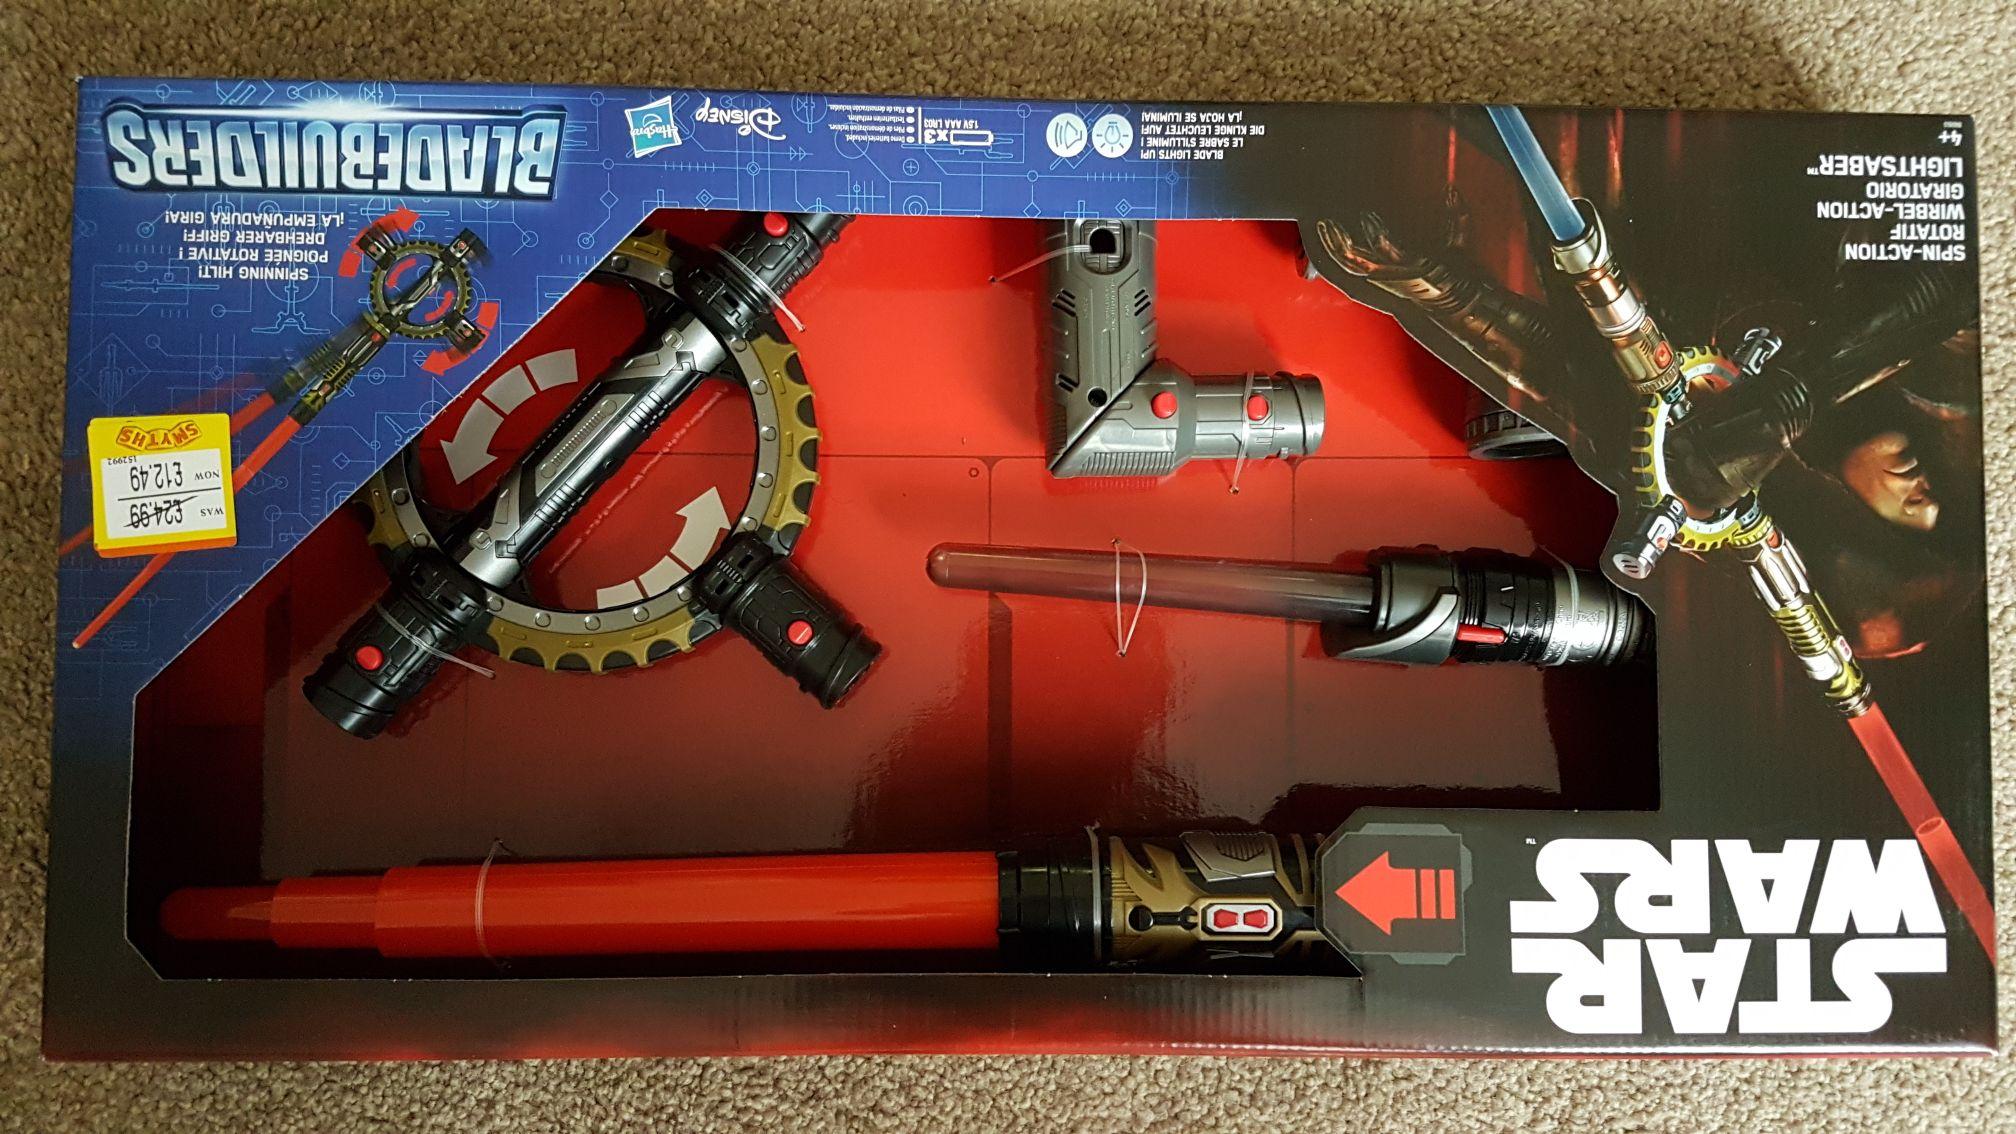 Spinning star wars bladebuilder £12.49 @ Smyths toys - Instore & Online